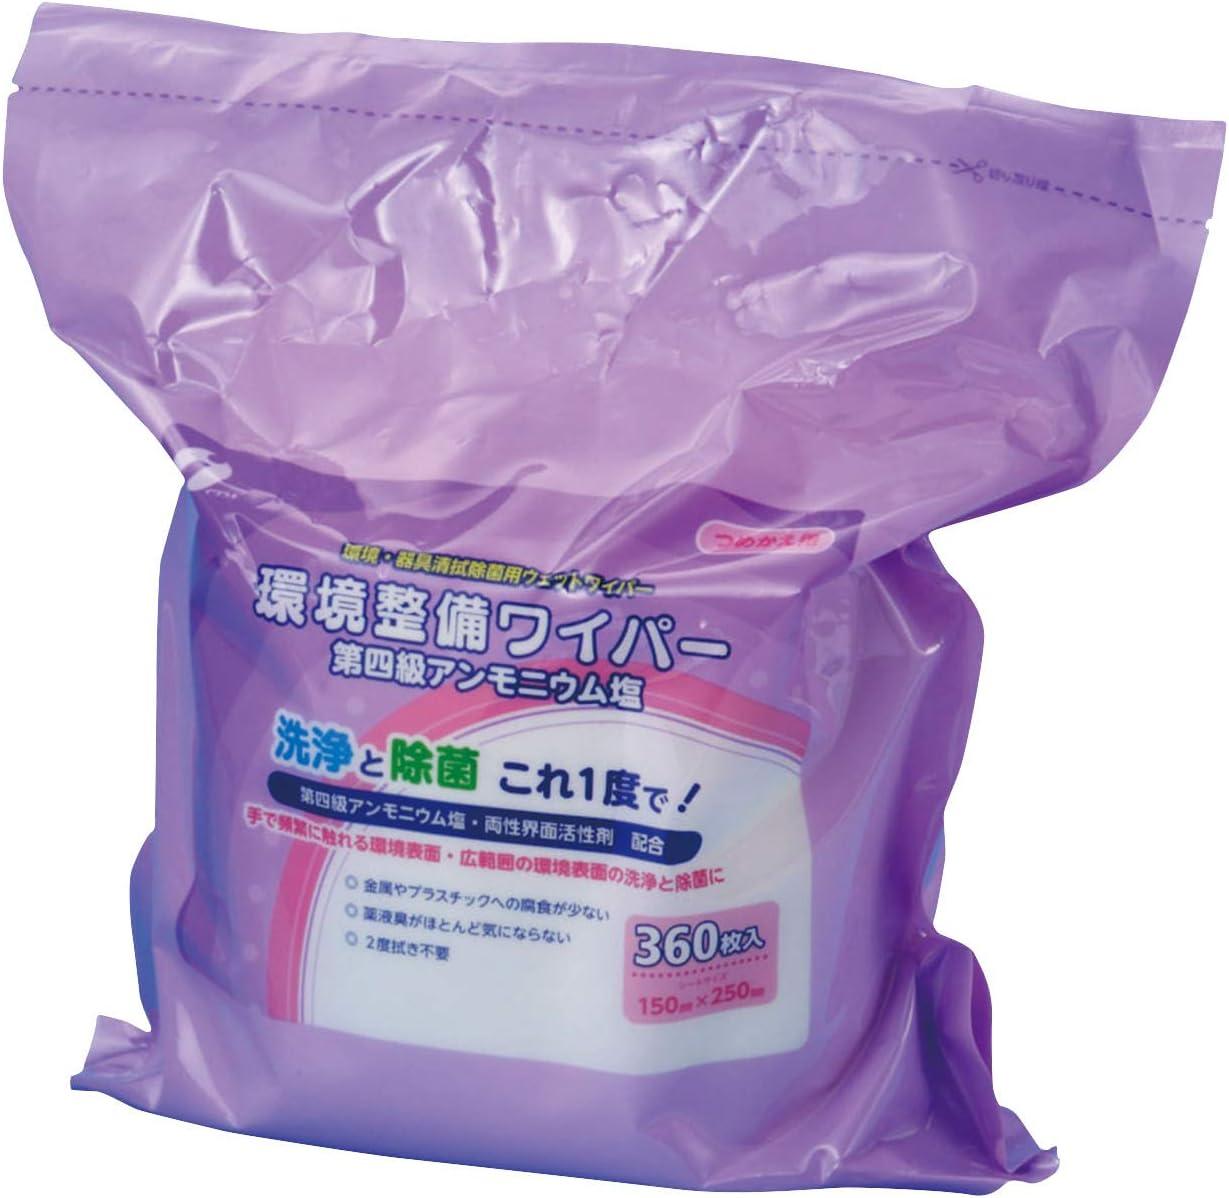 級 塩 アンモニウム 4 ティッシュ 第 ウェット